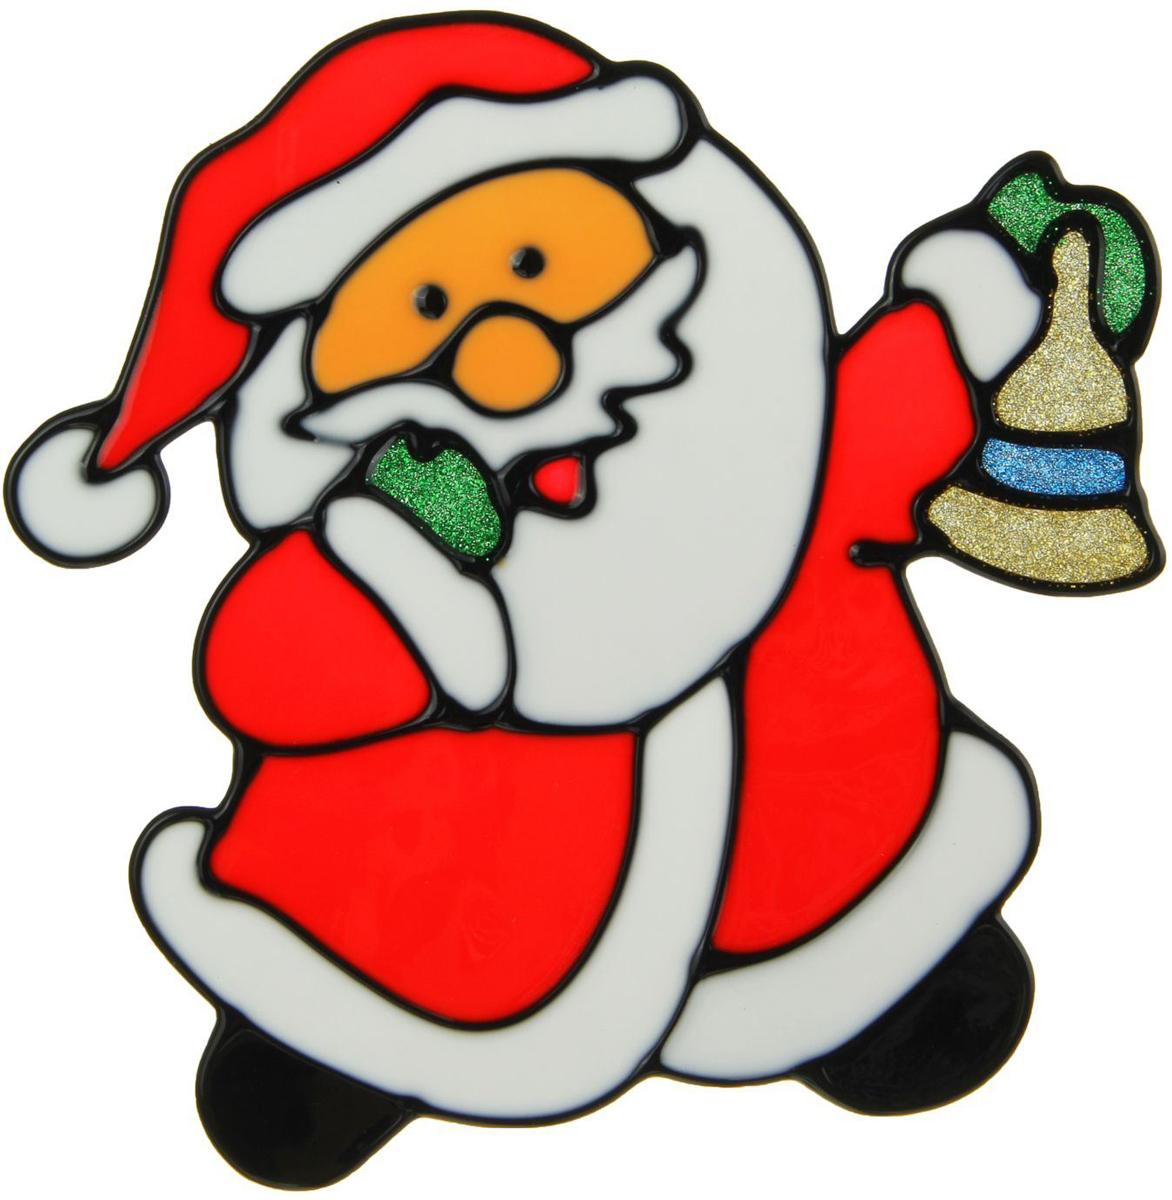 Украшение новогоднее оконное NoName Дед Мороз с колокольчиком, 13,5 х 14 см1399692Новогоднее оконное украшение NoName Дед Мороз с колокольчиком поможет украсить дом к предстоящим праздникам. Яркая наклейка крепится к гладкой поверхности стекла посредством статического эффекта. С помощью такого украшения вы сможете оживить интерьер по своему вкусу.Новогодние украшения всегда несут в себе волшебство и красоту праздника. Создайте в своем доме атмосферу тепла, веселья и радости, украшая его всей семьей.